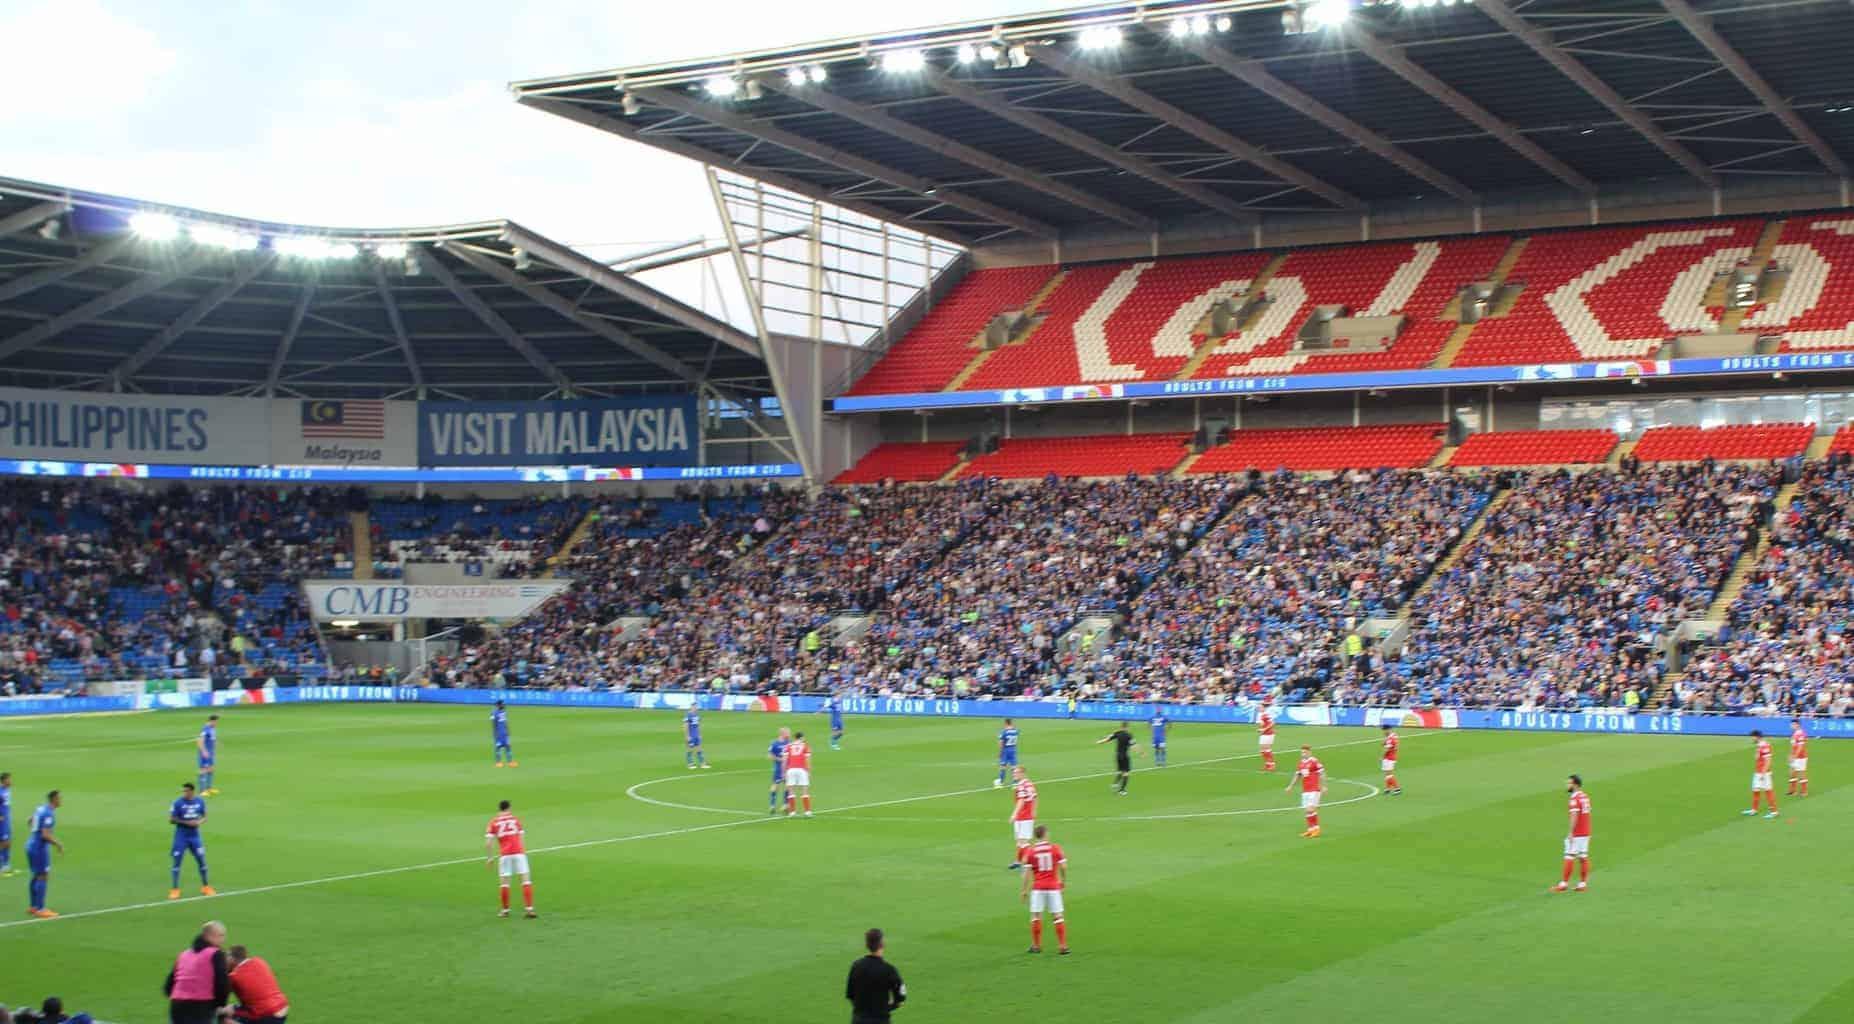 Kickoff of a football game at Cardiff City